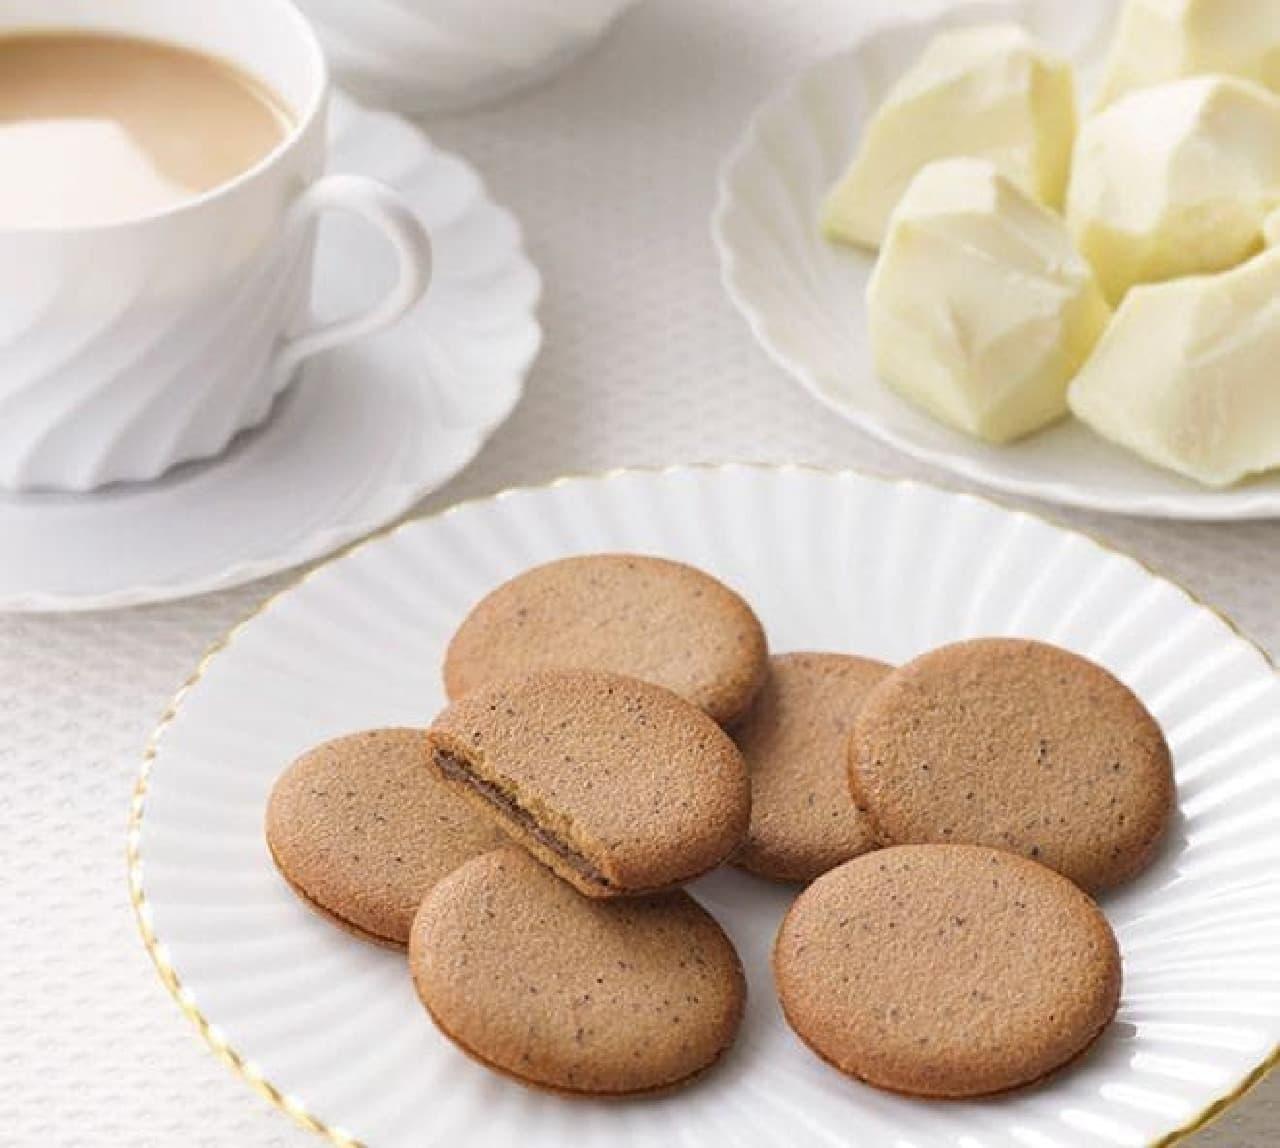 ゴディバオリジナルクッキーに「ミルクティークッキー」登場  華やかなアールグレイの香りを楽しめる